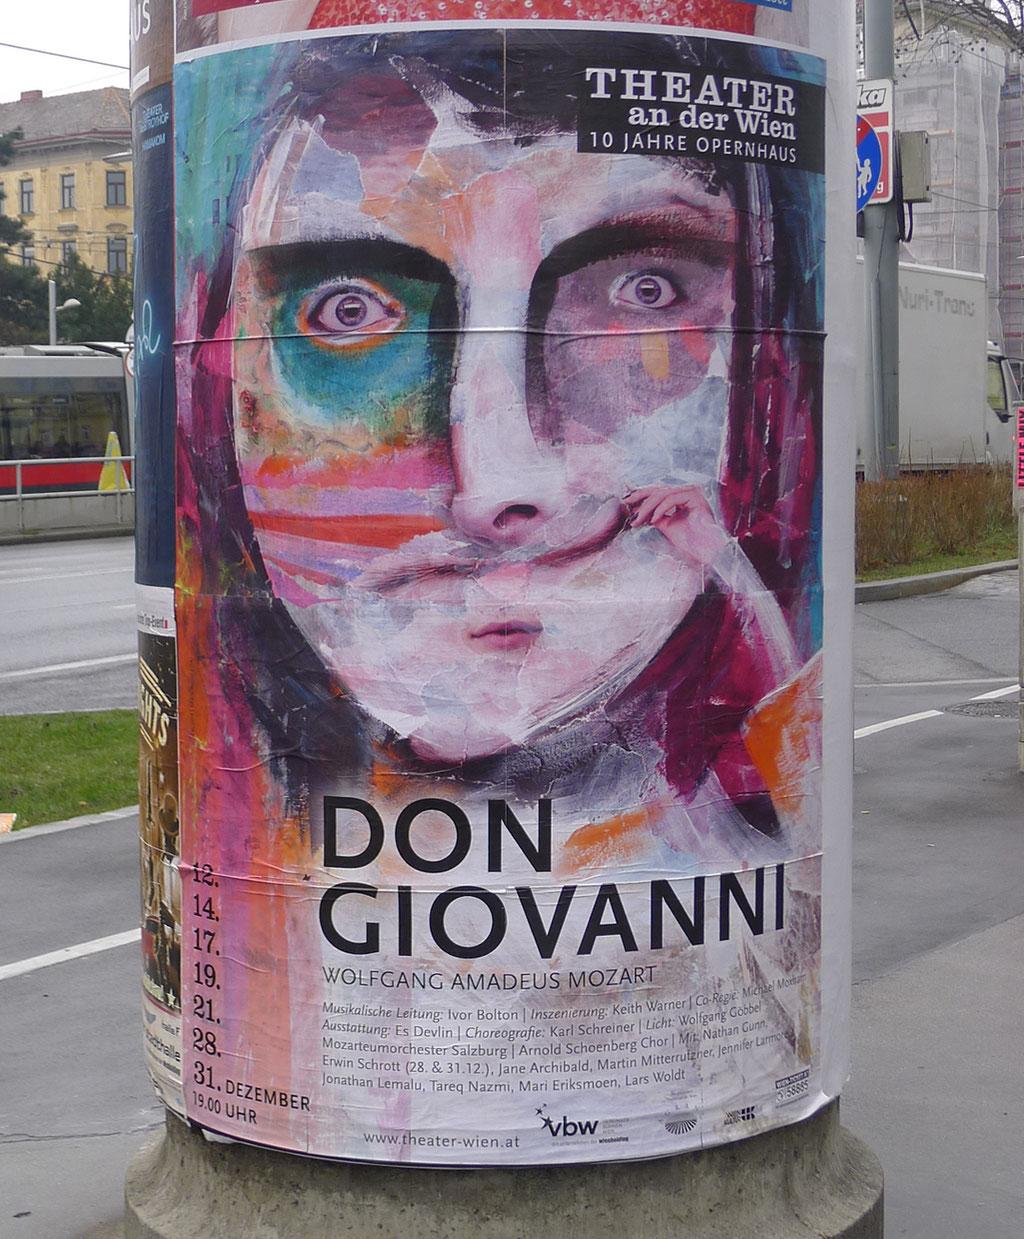 Plakat der Werbekampagne des Theater an der Wien (Saison 2016/17), Technik: Acryl auf Papiercollage/teilweise digital nachbearbeitet, Konzept,Layout&Typografie: Werbeagentur beyond